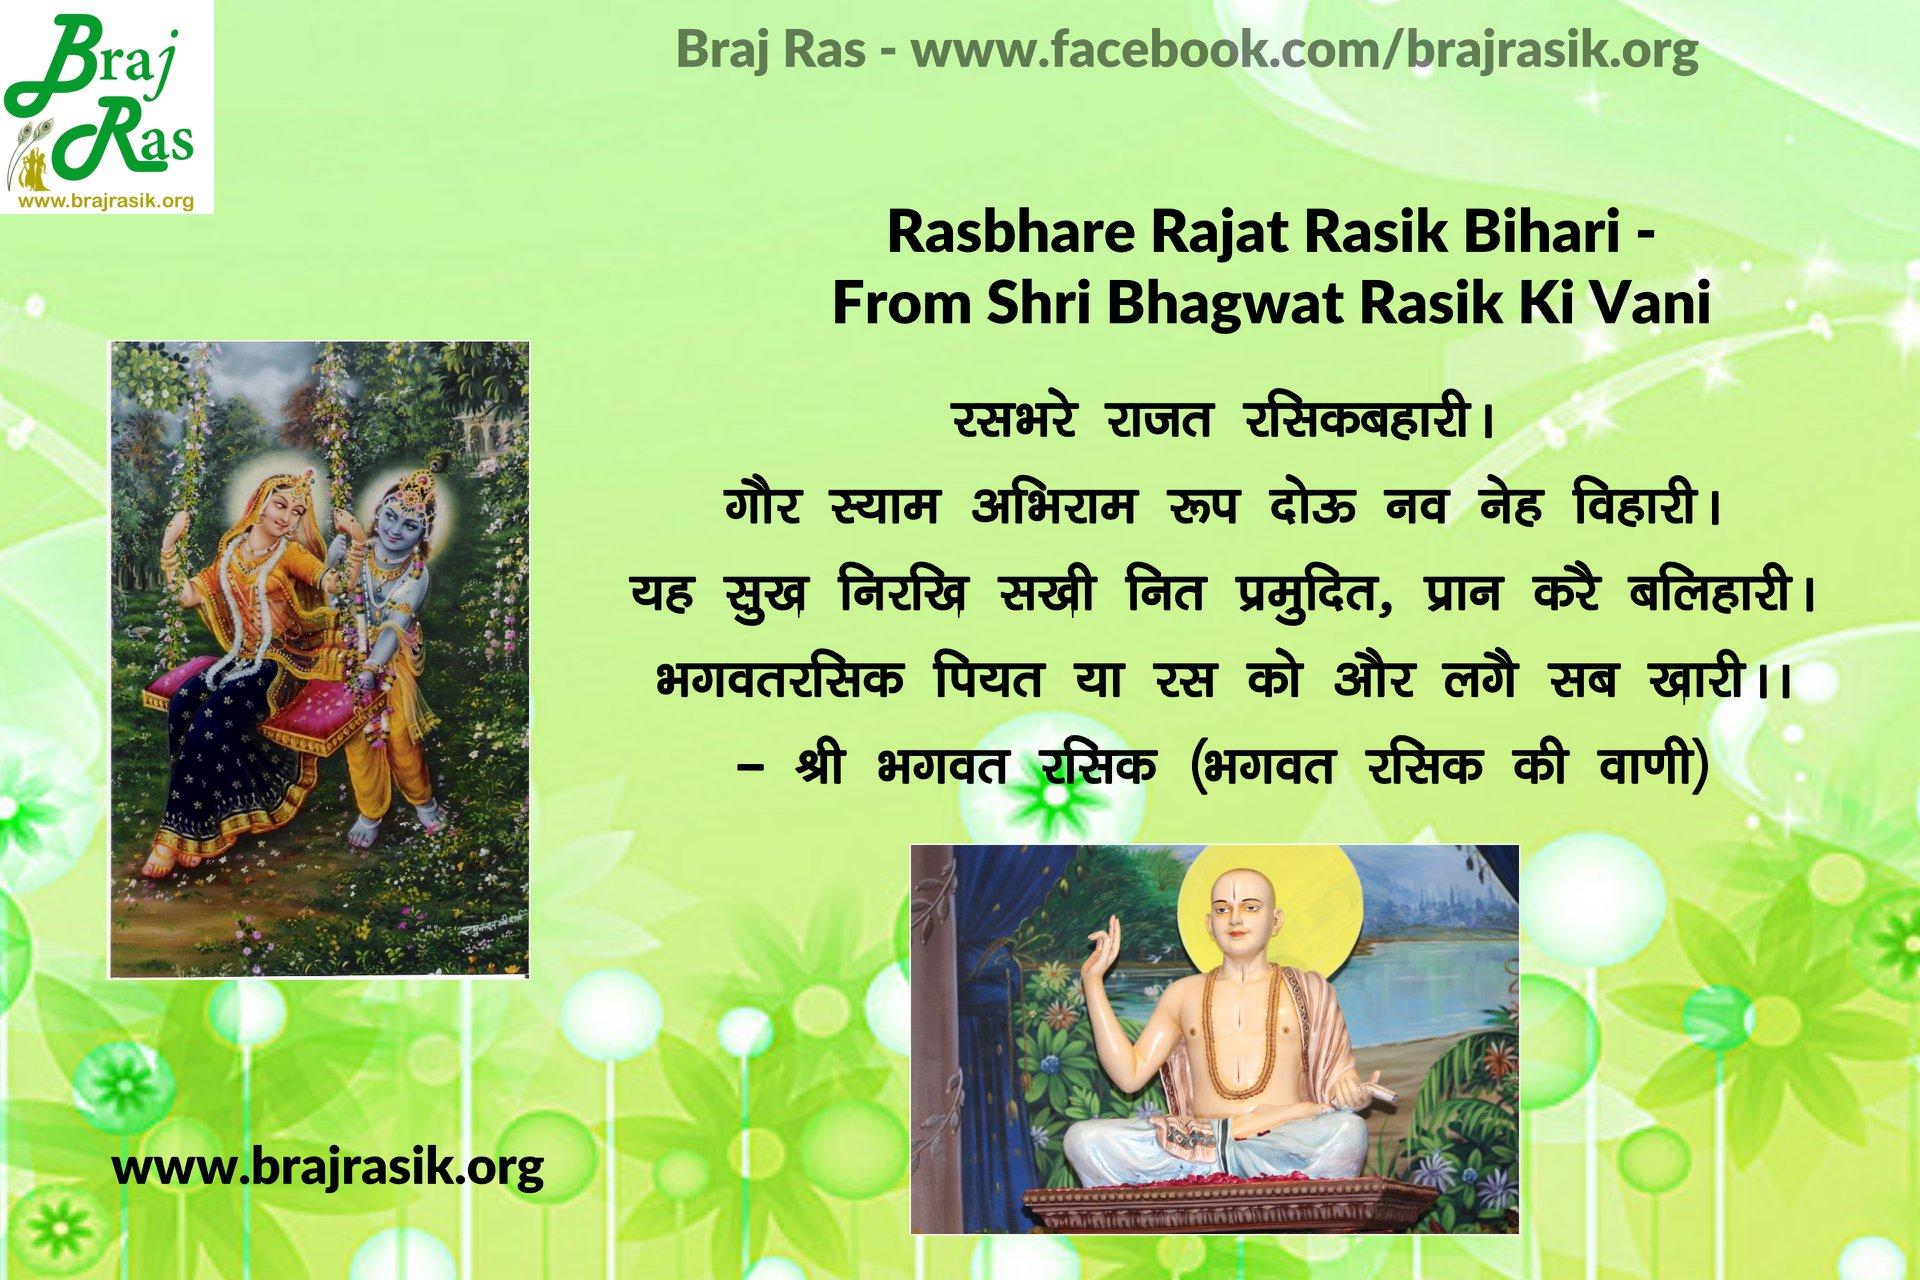 Ras bhare Rajat Rasik Bihari - Shri Bhagwat Rasik, Bhagwat rasik Ki Vani